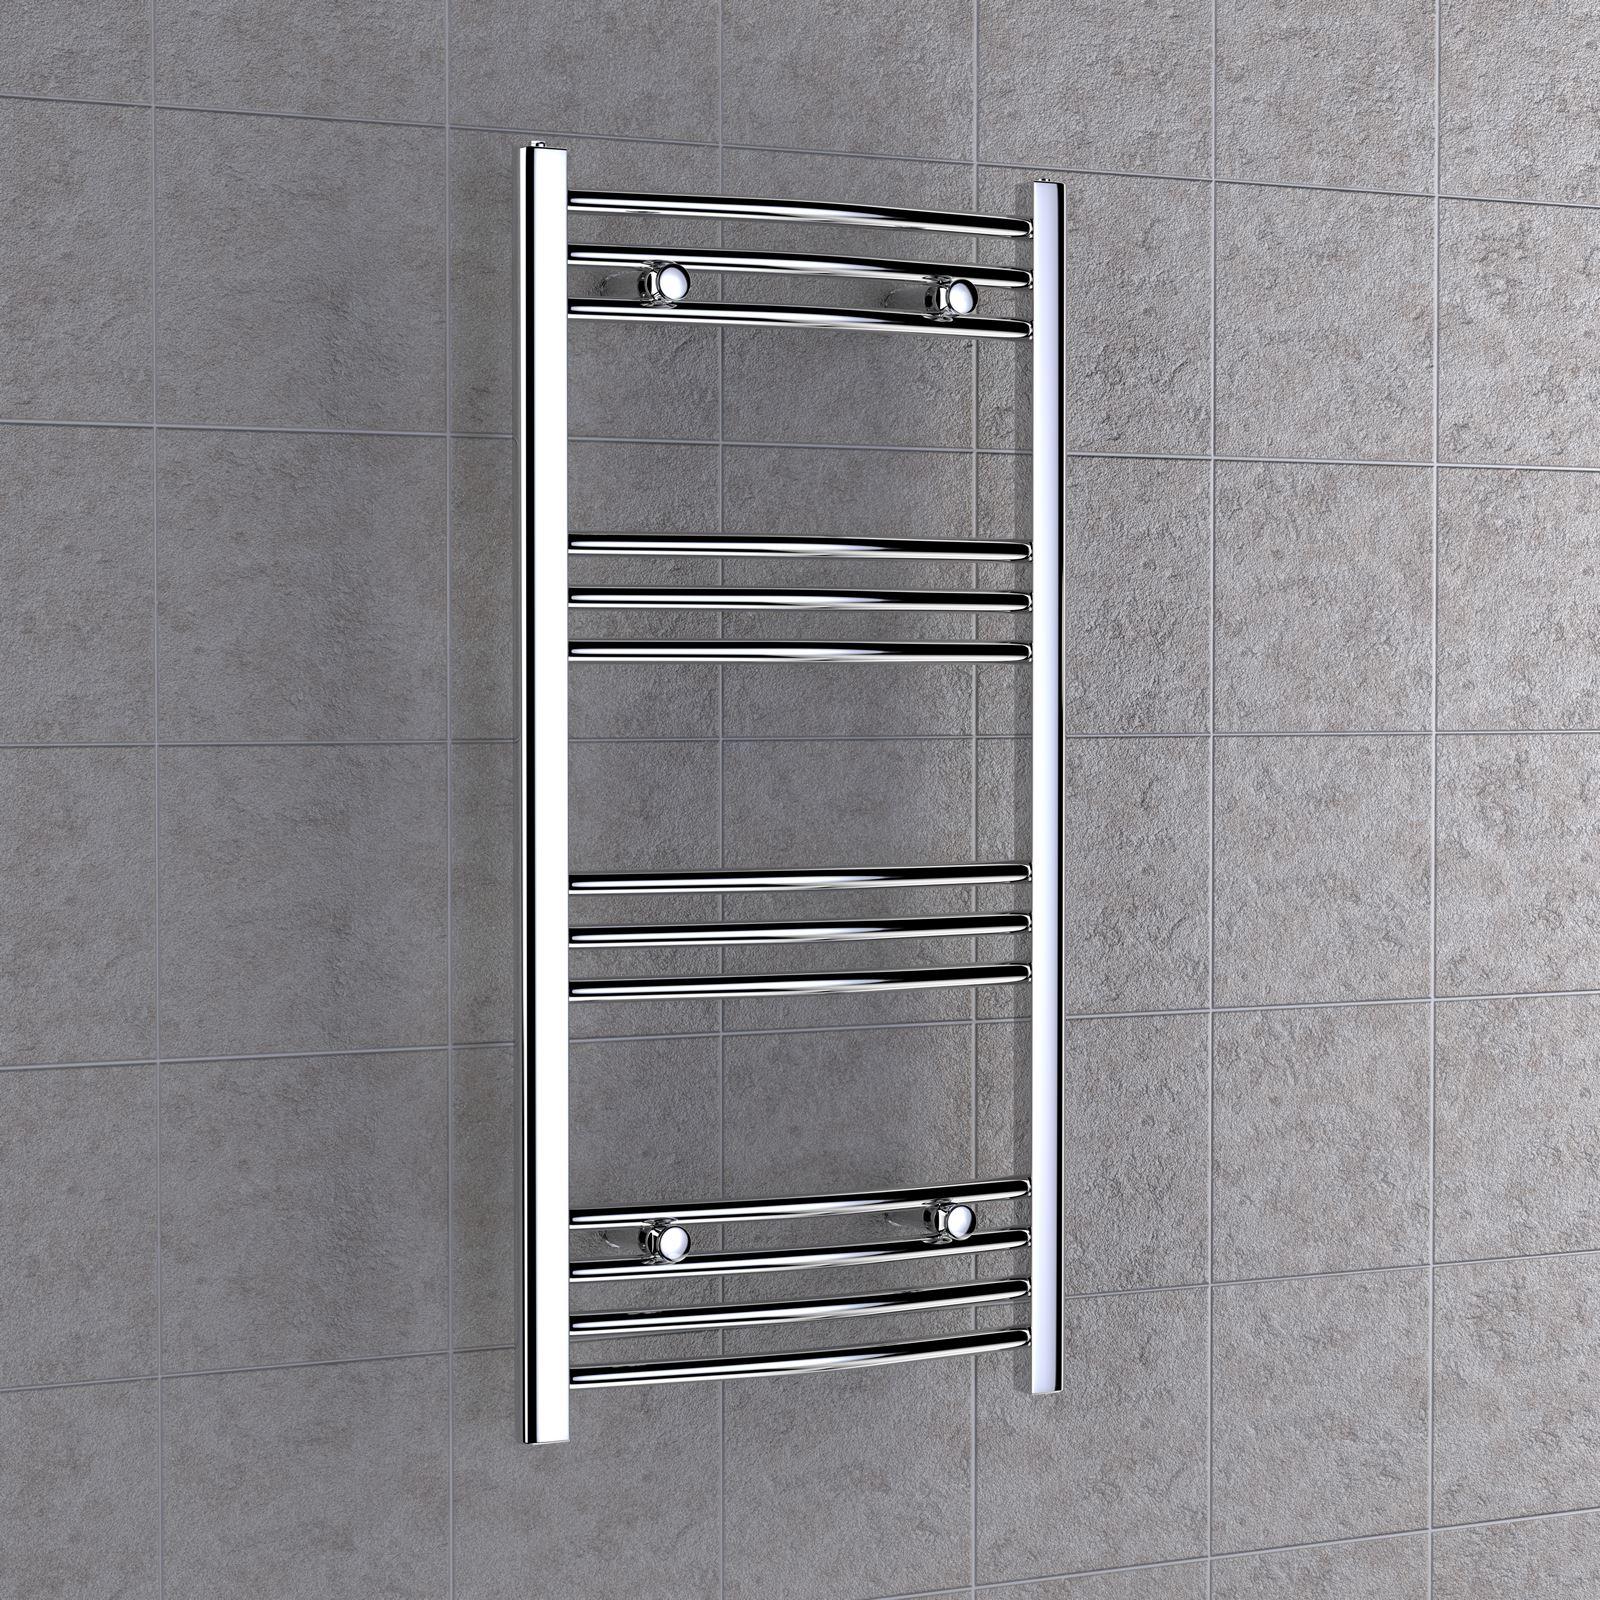 Toallero radiador para ba o o cocina en acero cromado for Toallero cromado para bano